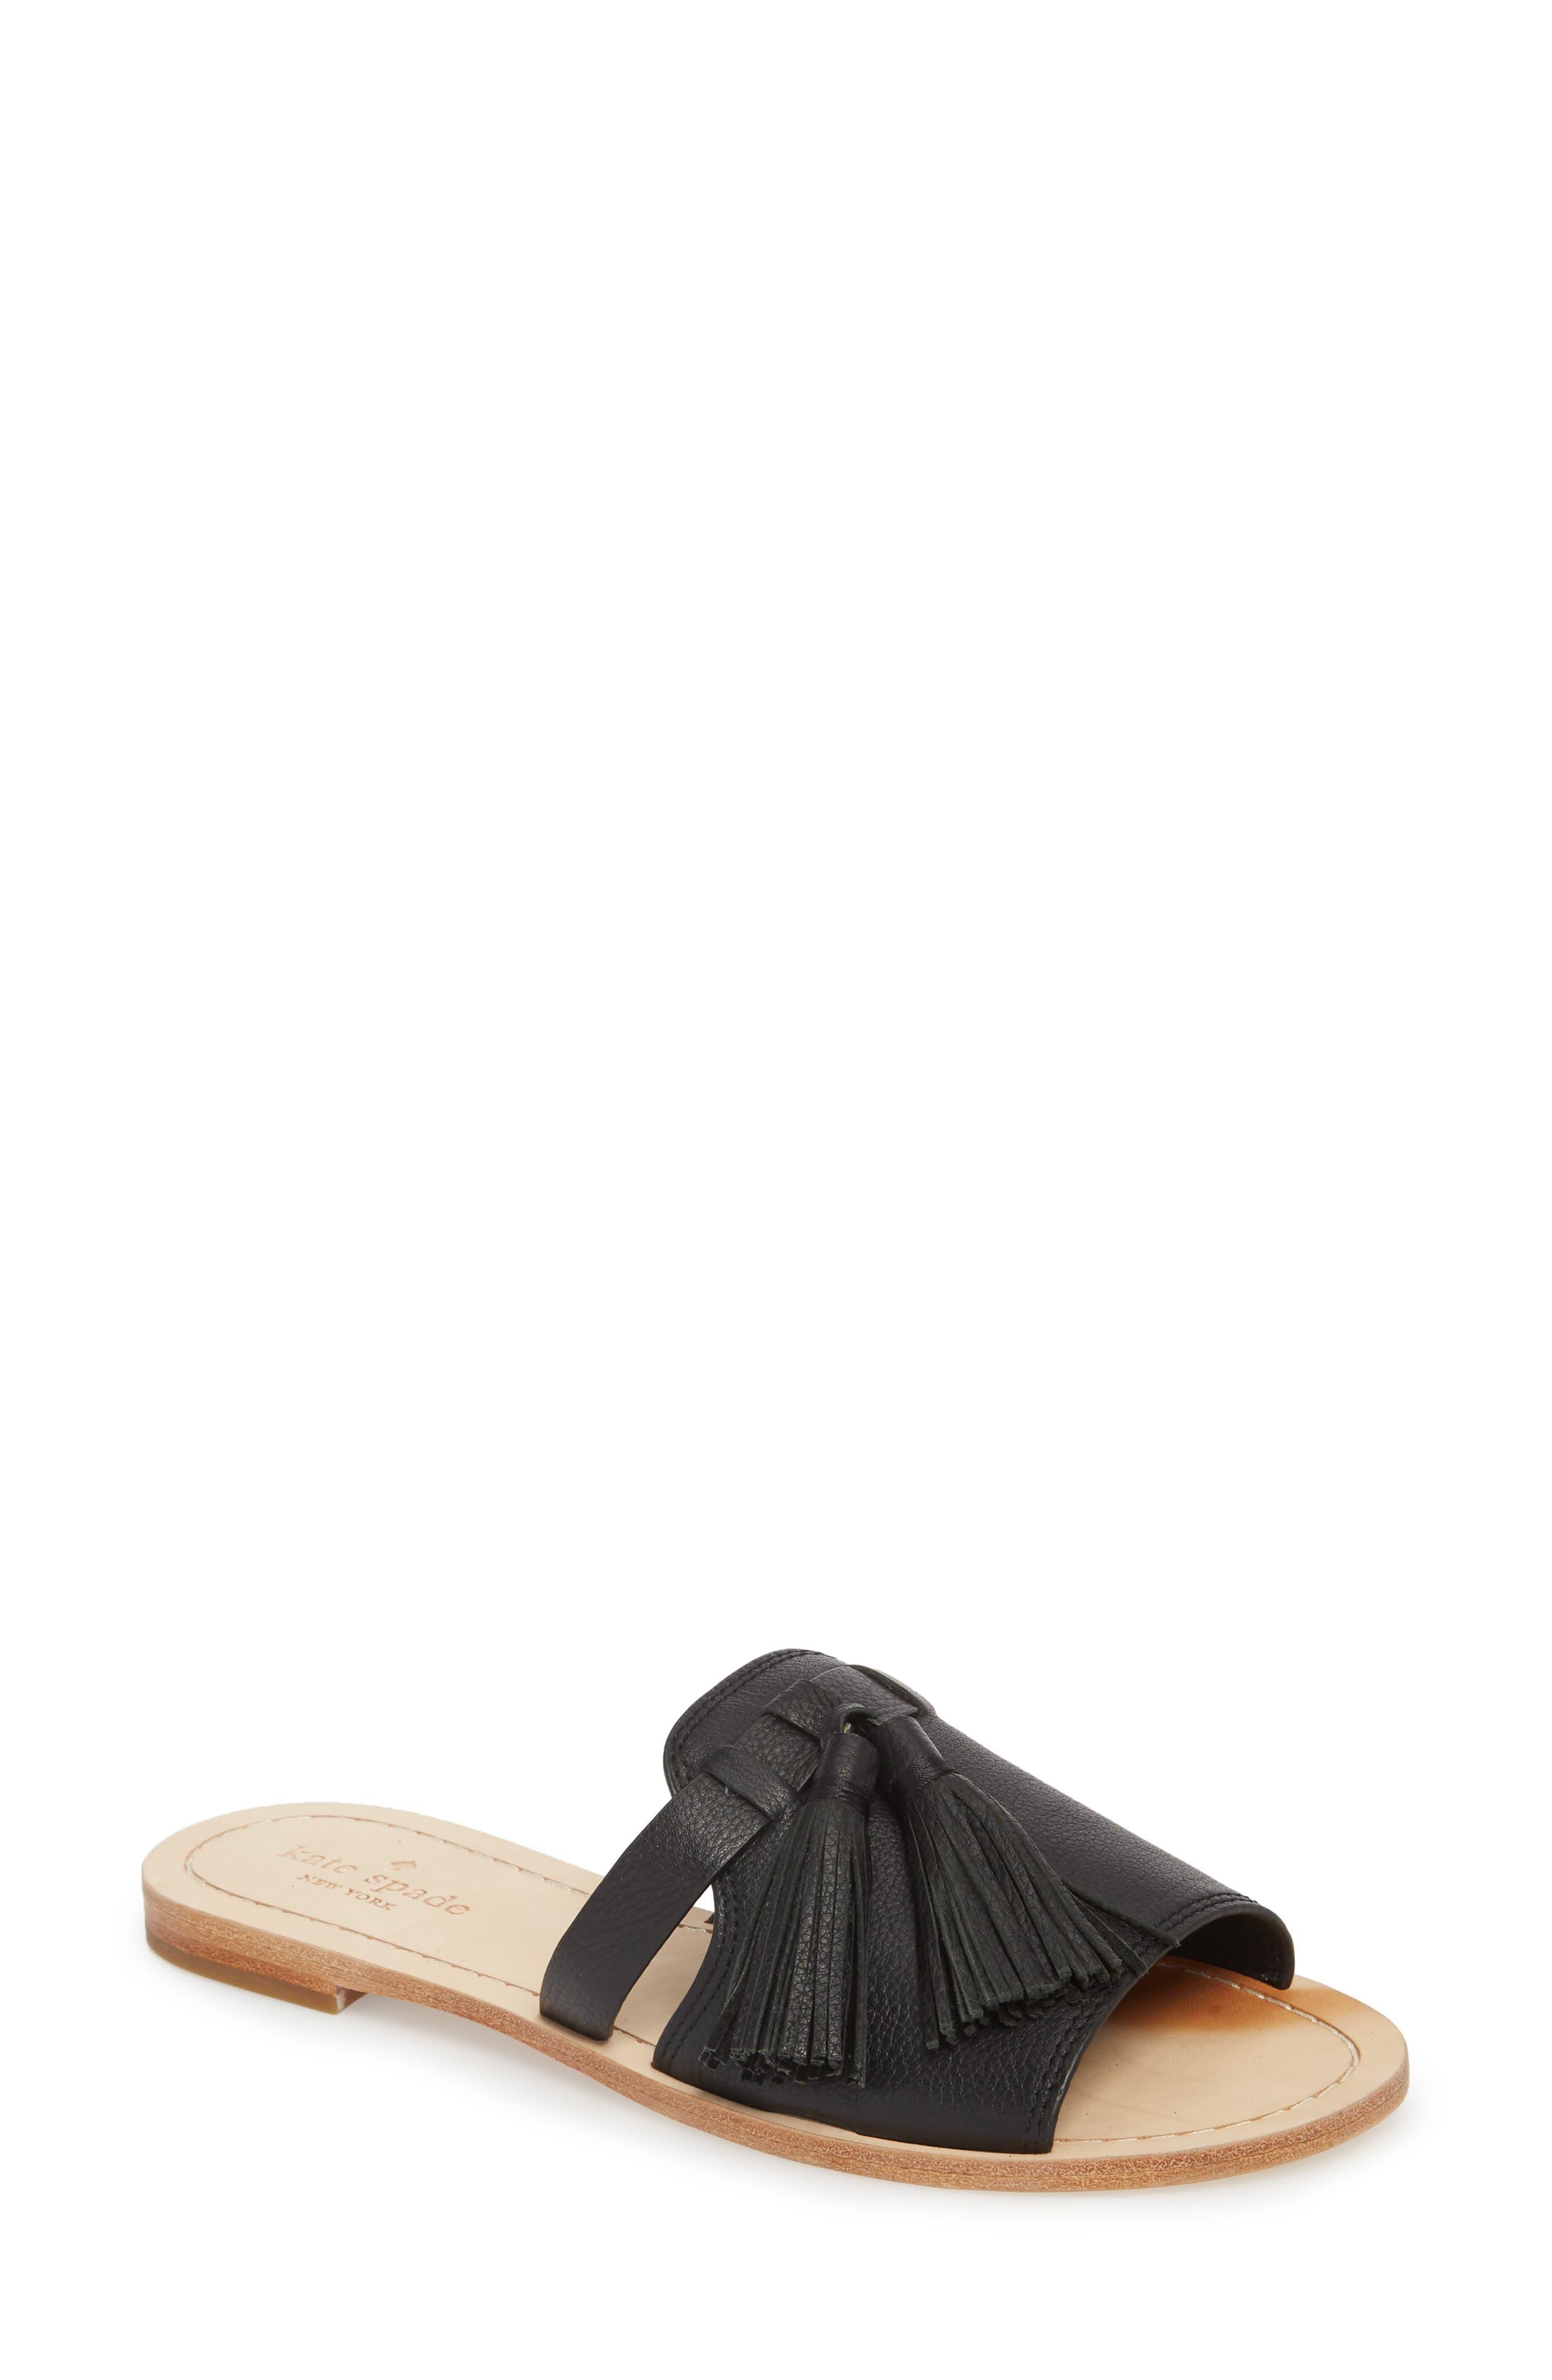 coby tassel slide sandal,                             Main thumbnail 1, color,                             Black